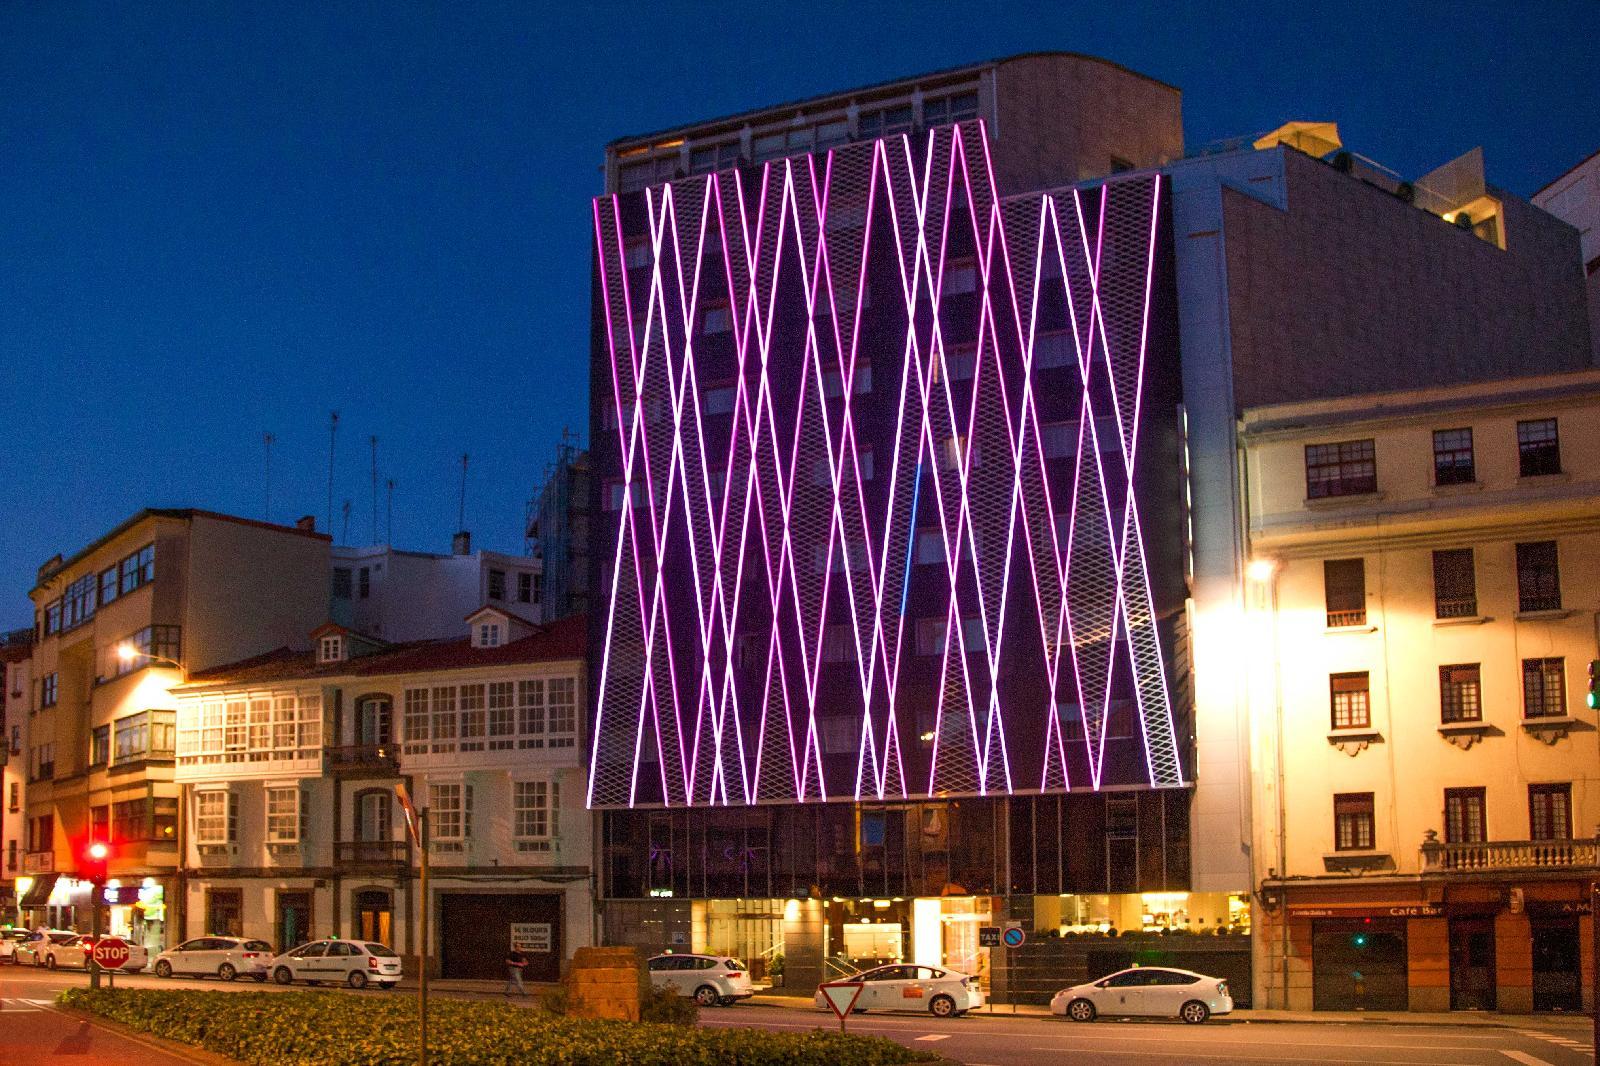 2. Hotel Plaza